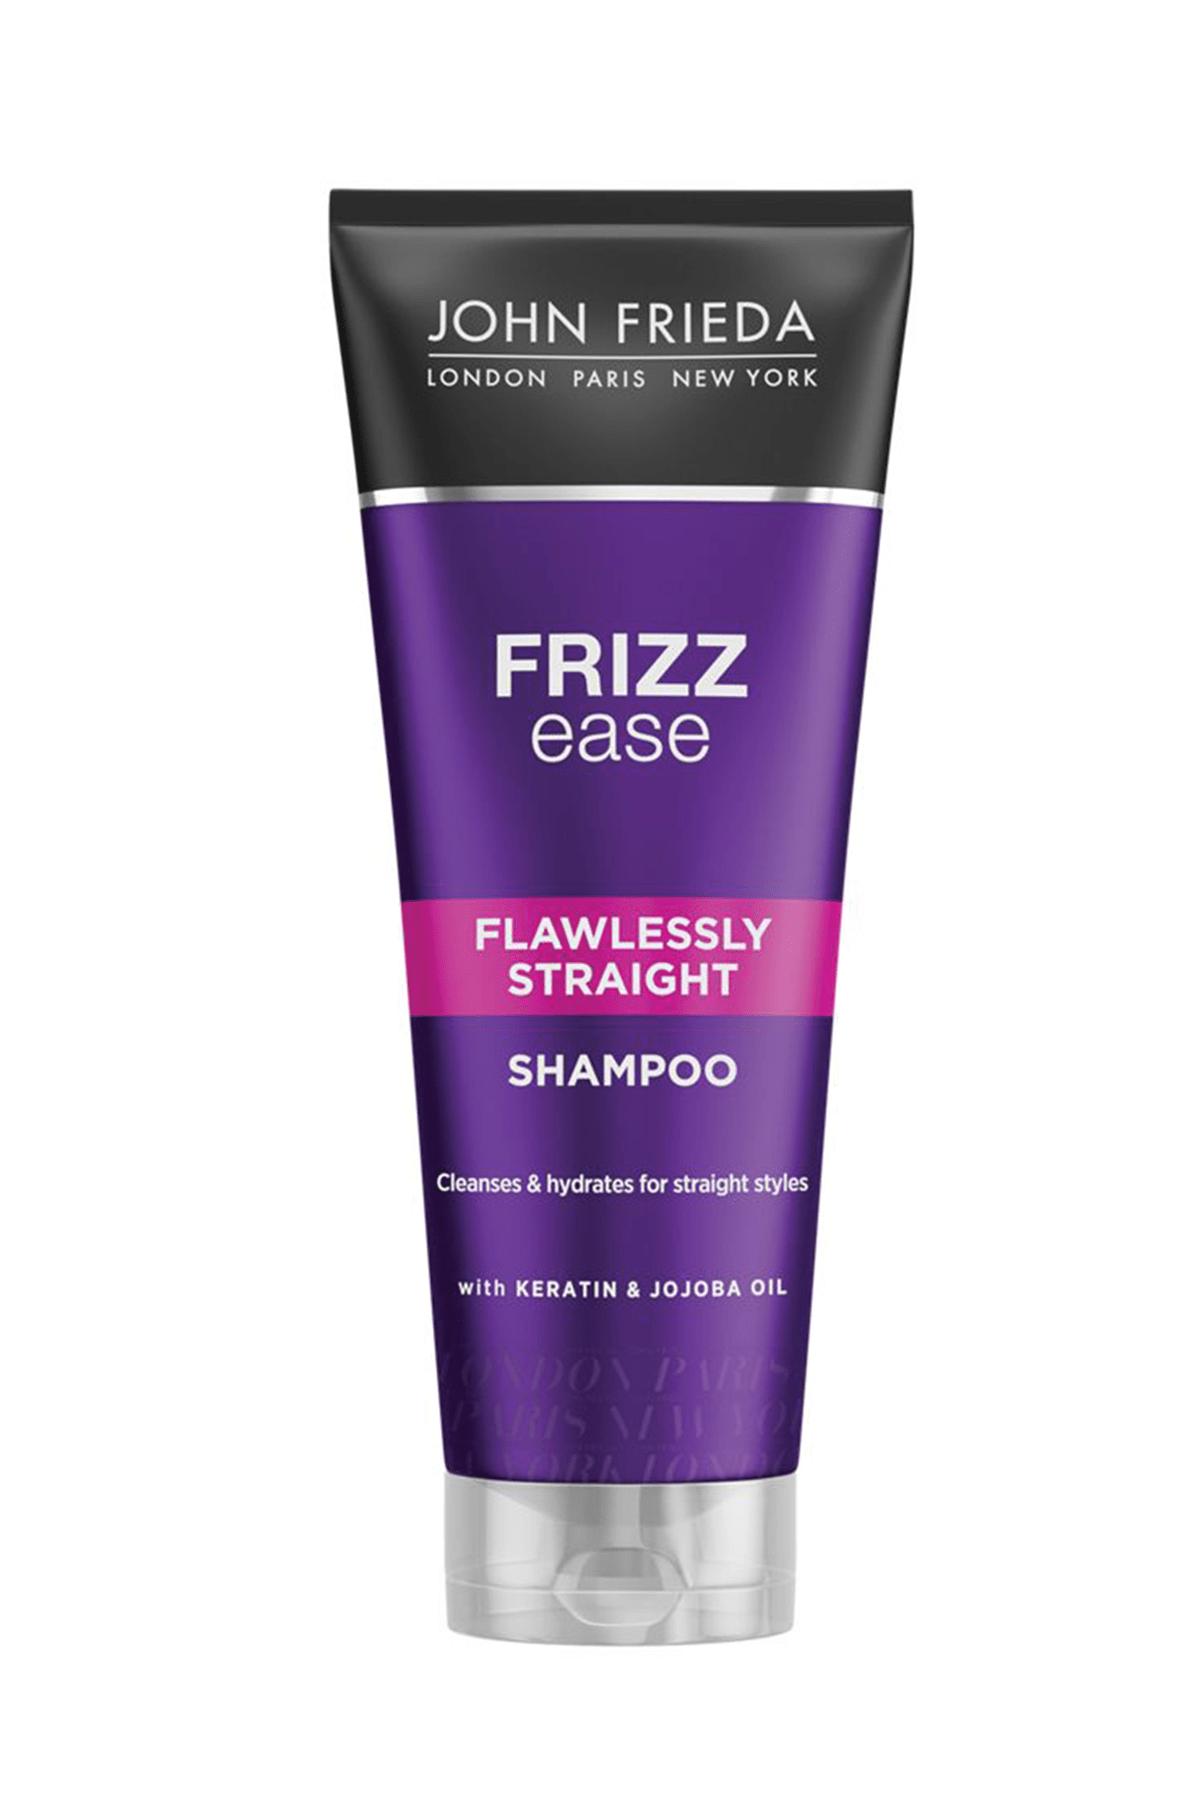 John Frieda Frizz Ease Flawlessly Straight Şampuan 250 ml 0